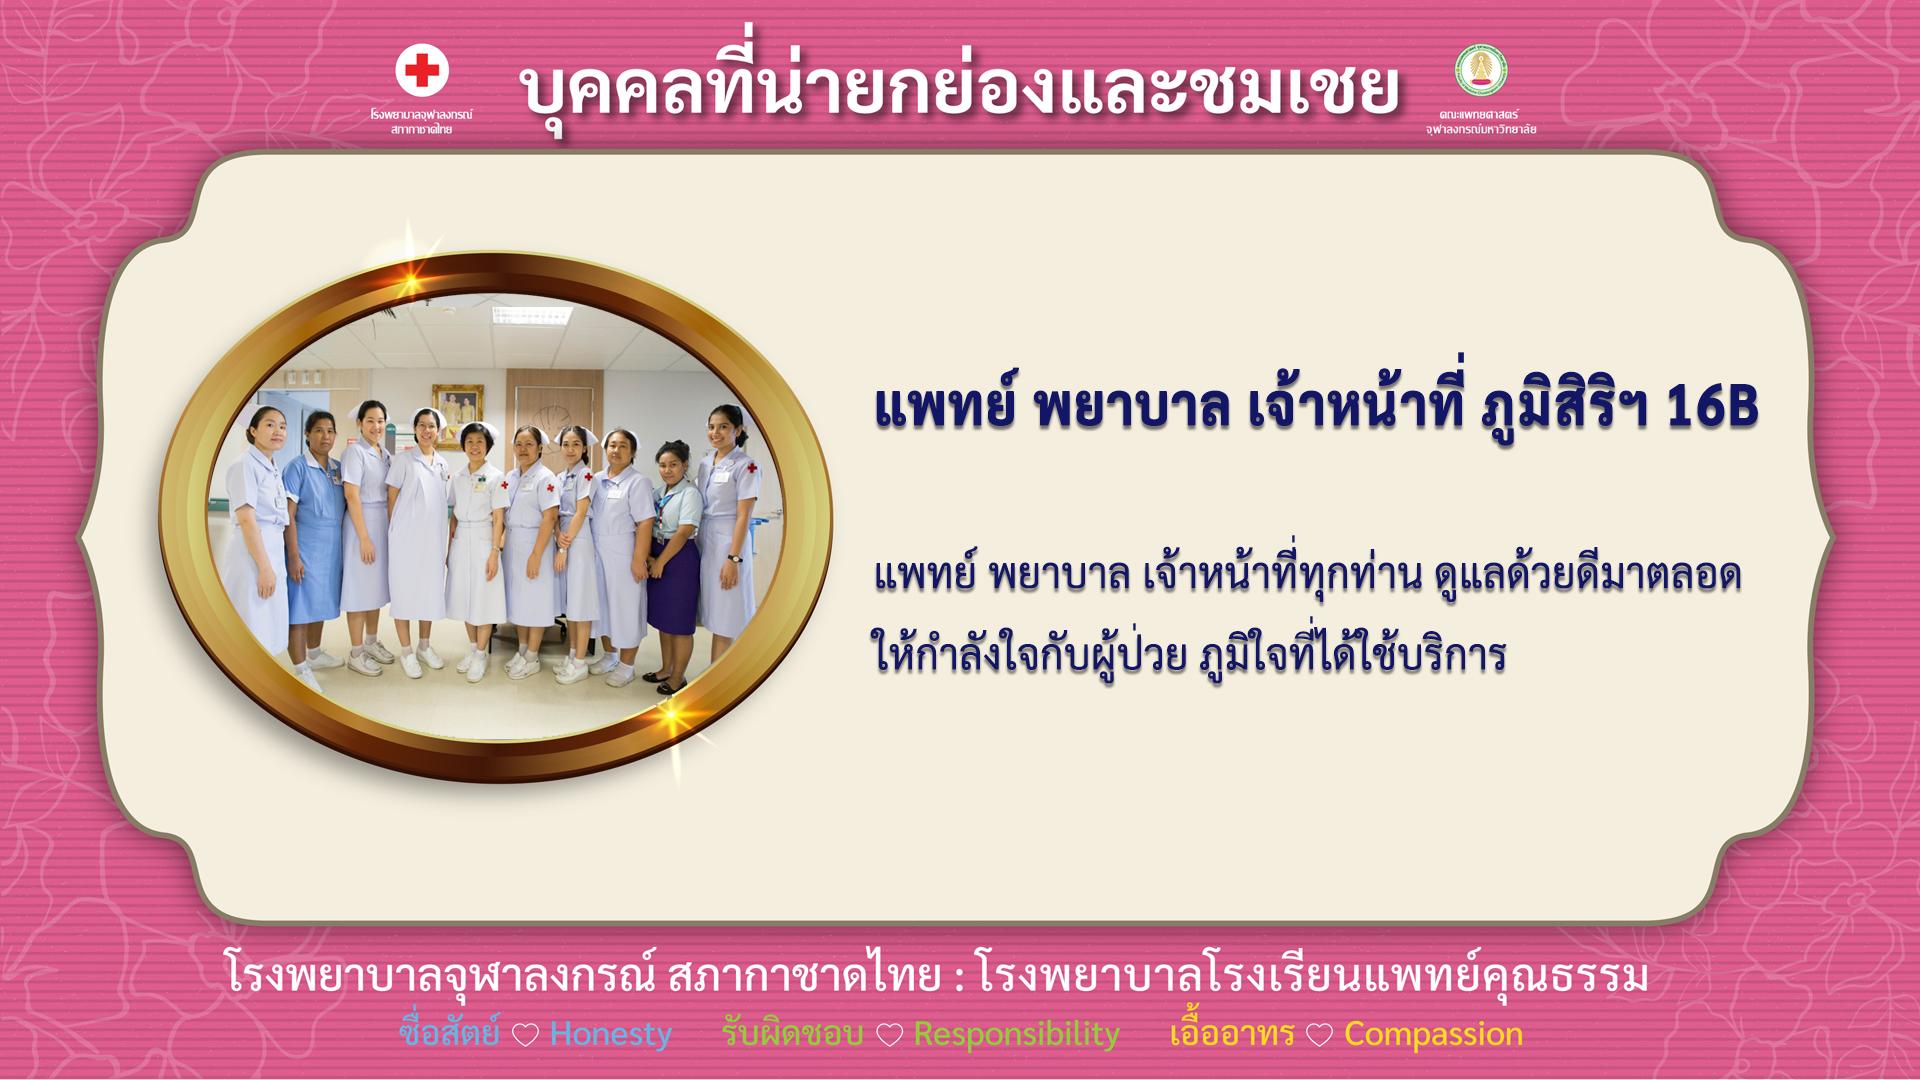 แพทย์ พยาบาล เจ้าหน้าที่ ภูมิสิริฯ 16B